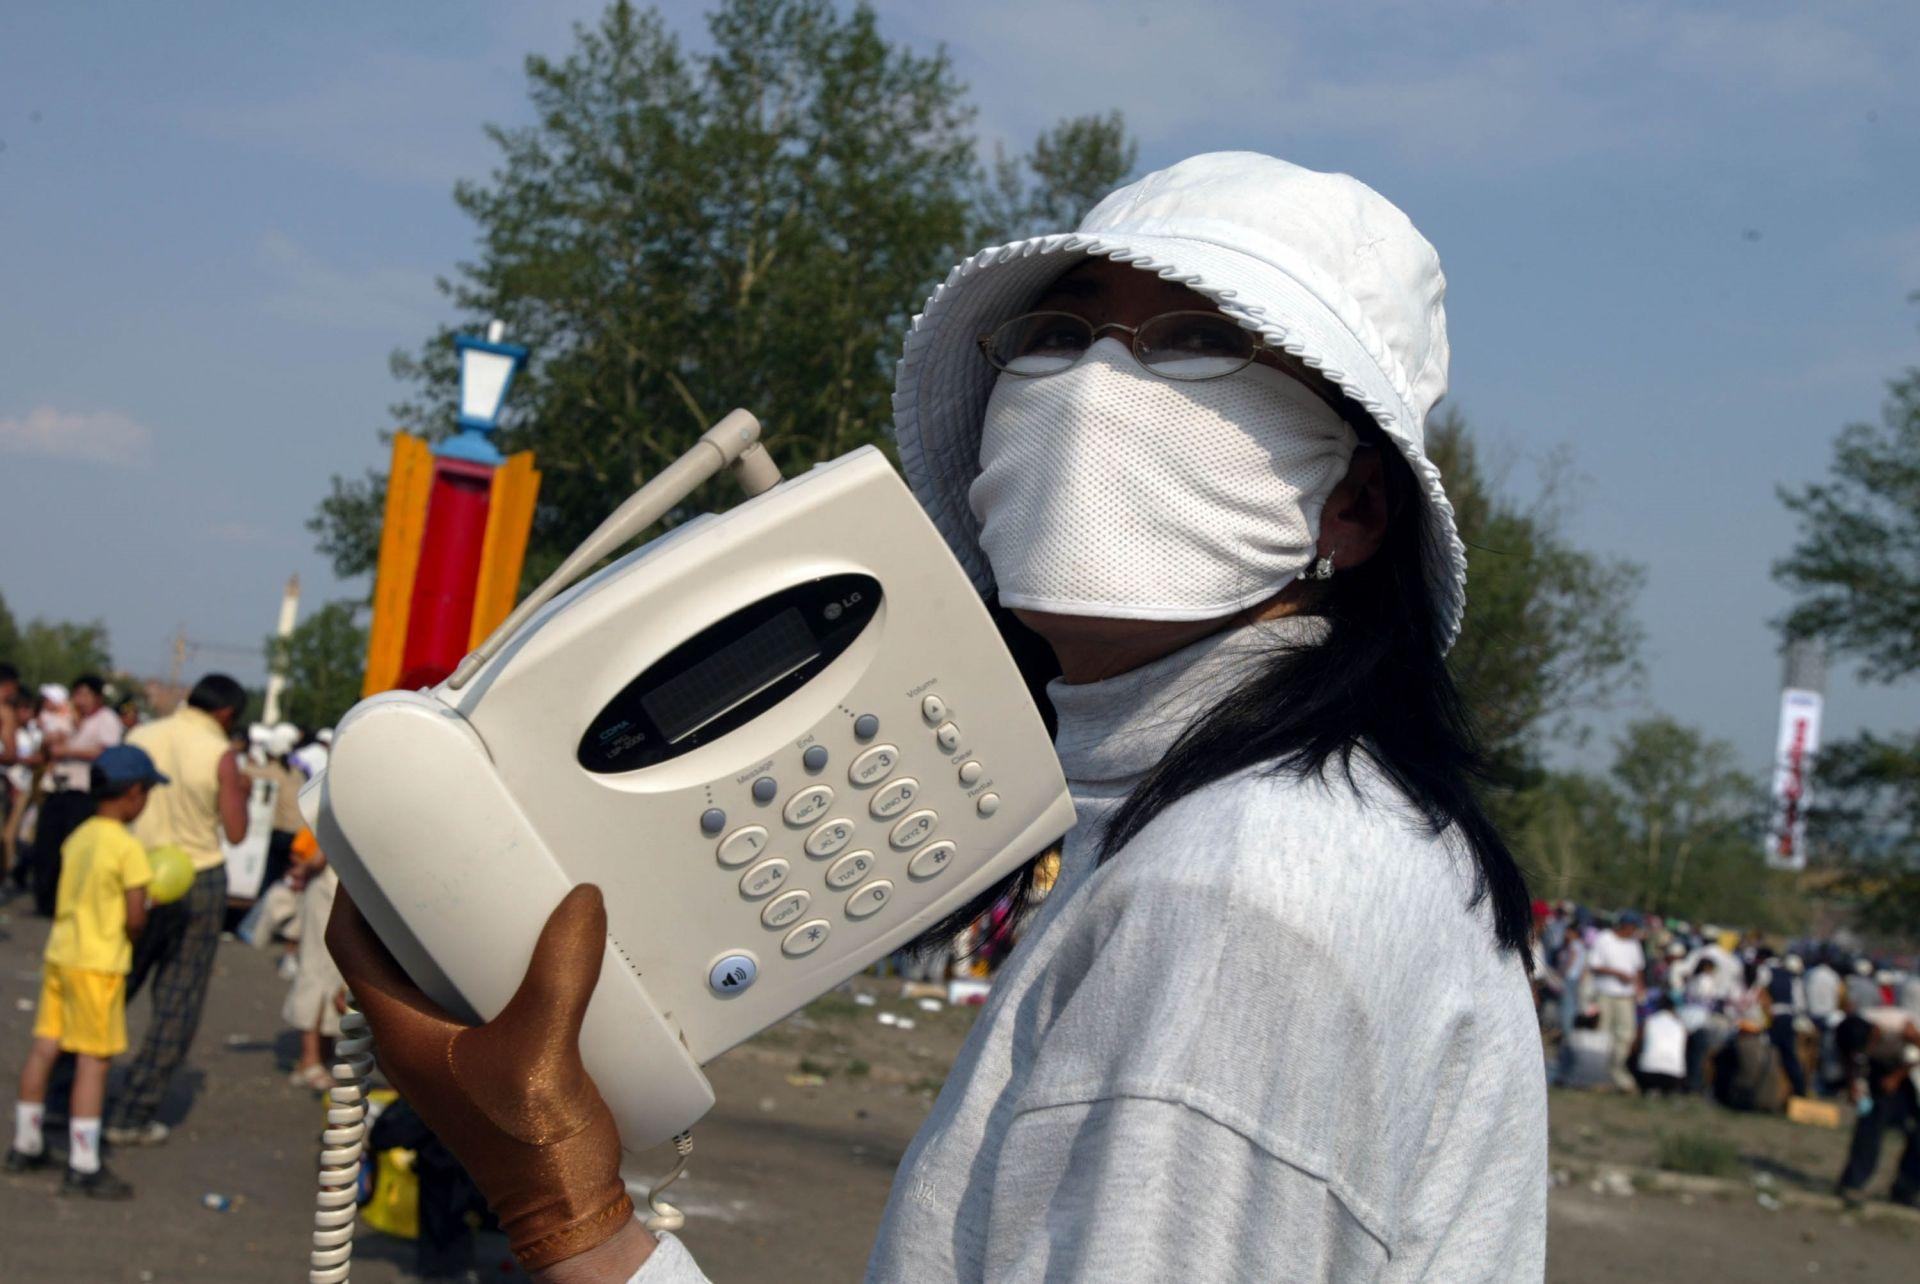 15 юли 2003 г. в Улан Батор, Монголия: Предприемчив монголски телефонен оператор носи защитни маска за лице и ръкавици срещу SARS, докато чака клиентите да използват телефона